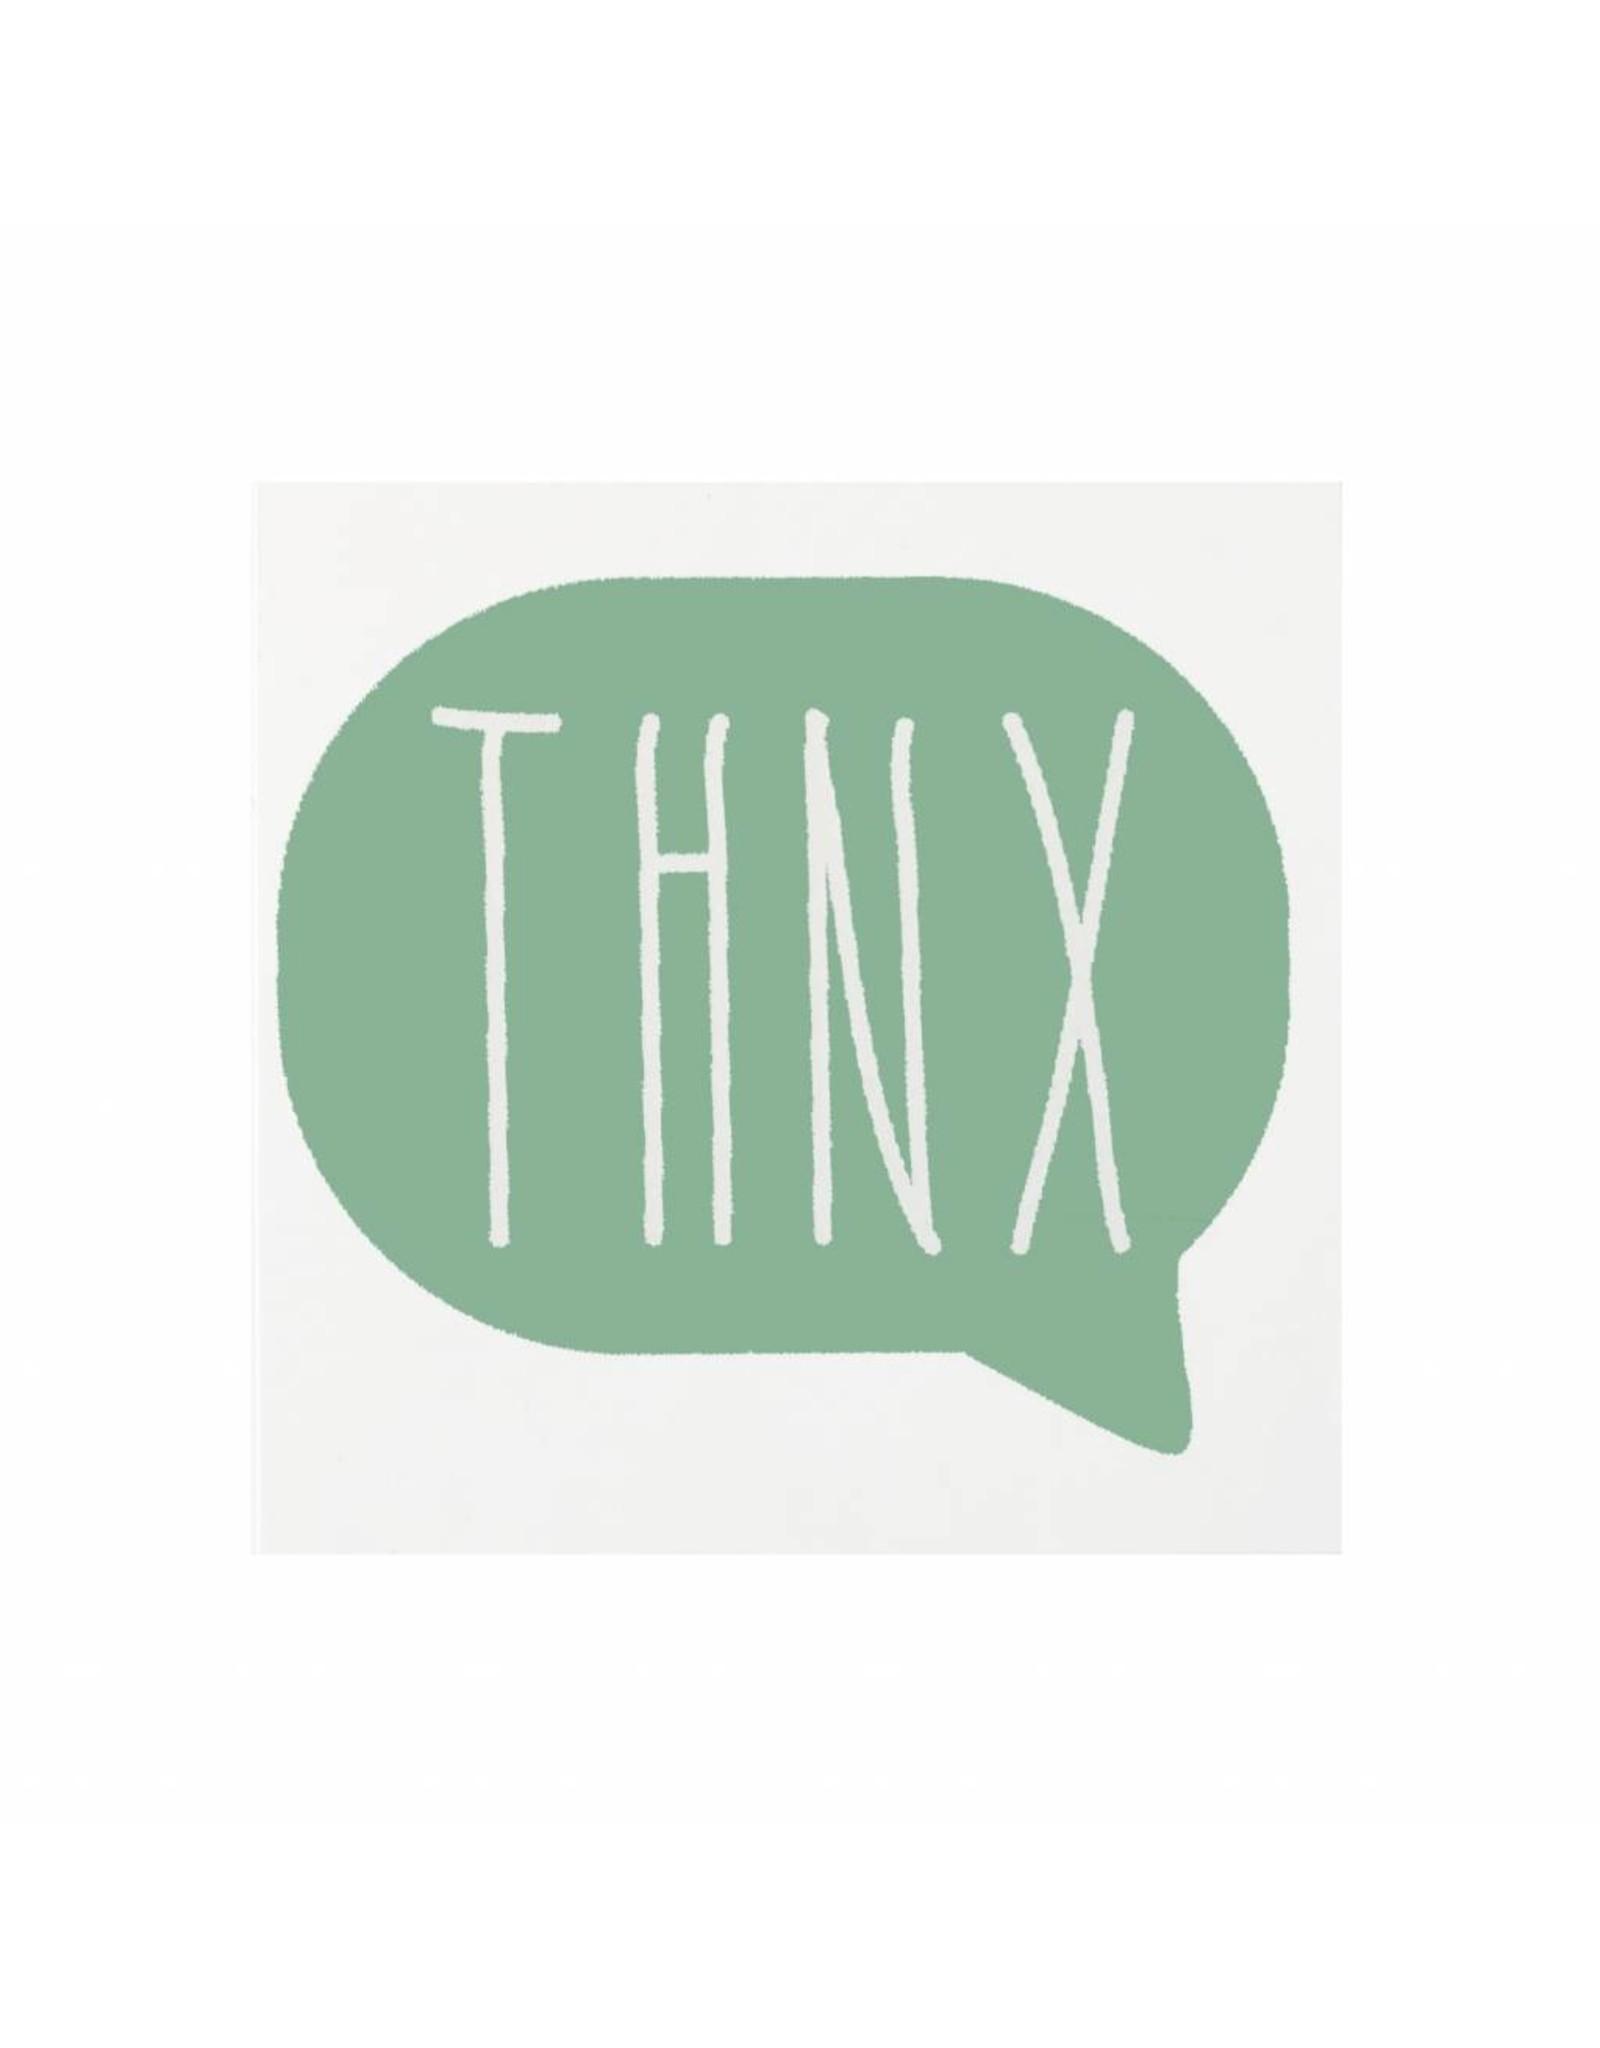 Stickers 5 st. THNX donker muntgroen